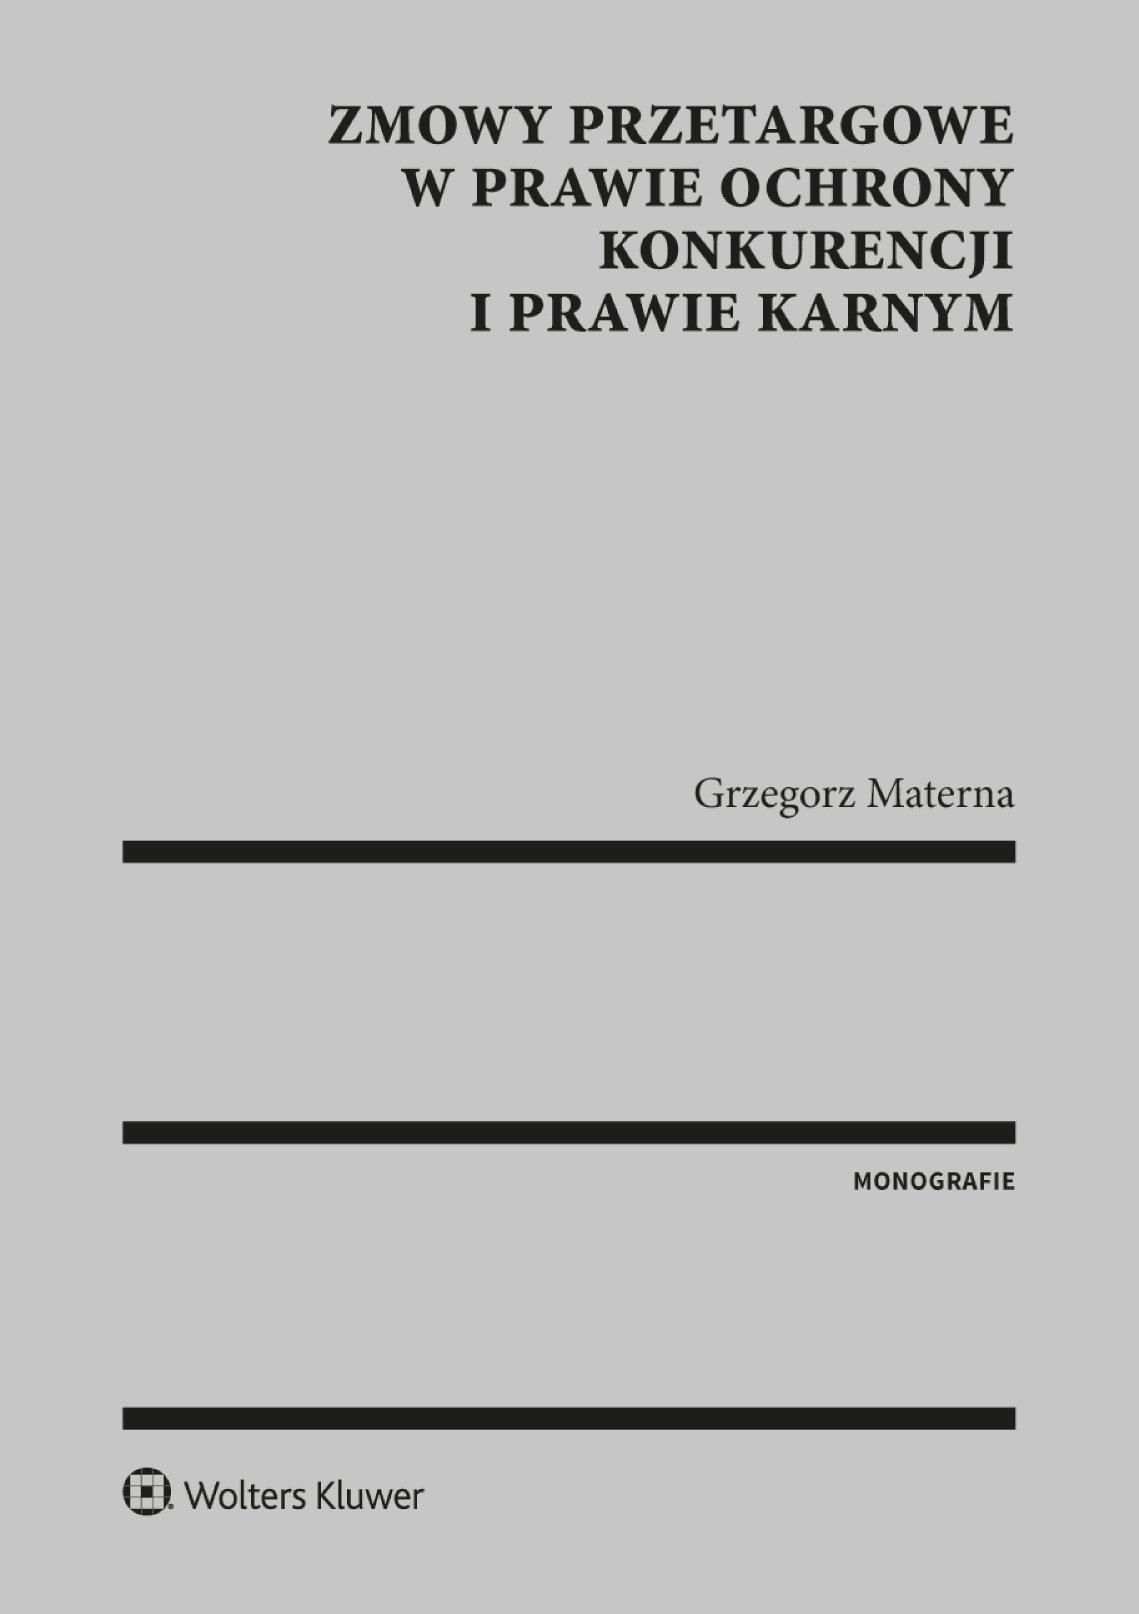 Zmowy przetargowe w prawie ochrony konkurencji i prawie karnym - Ebook (Książka PDF) do pobrania w formacie PDF